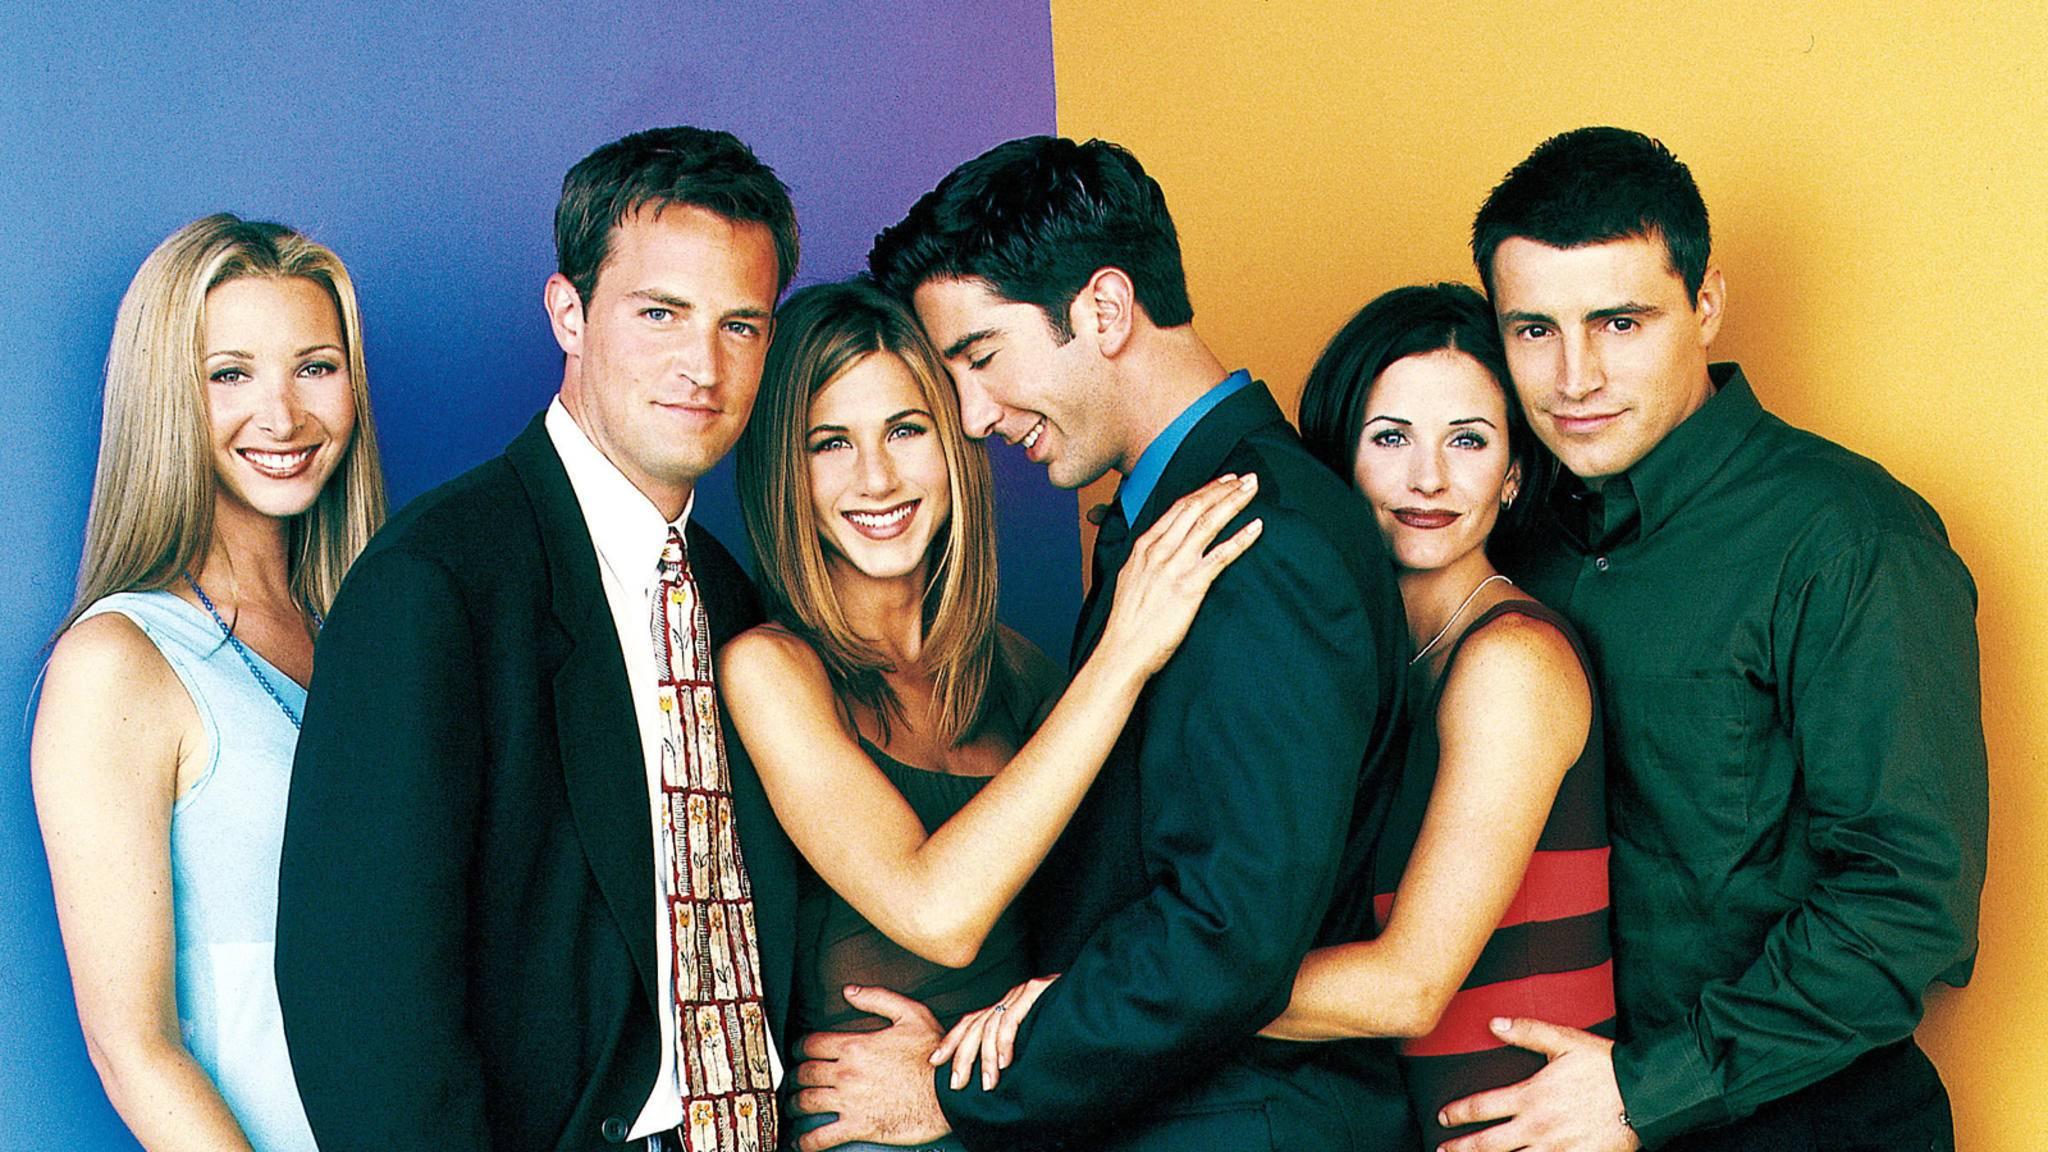 """Das Serien-Intro von """"Friends"""" sorgt bis heute bei vielen Fans für spontane Nostalgie-Attacken."""